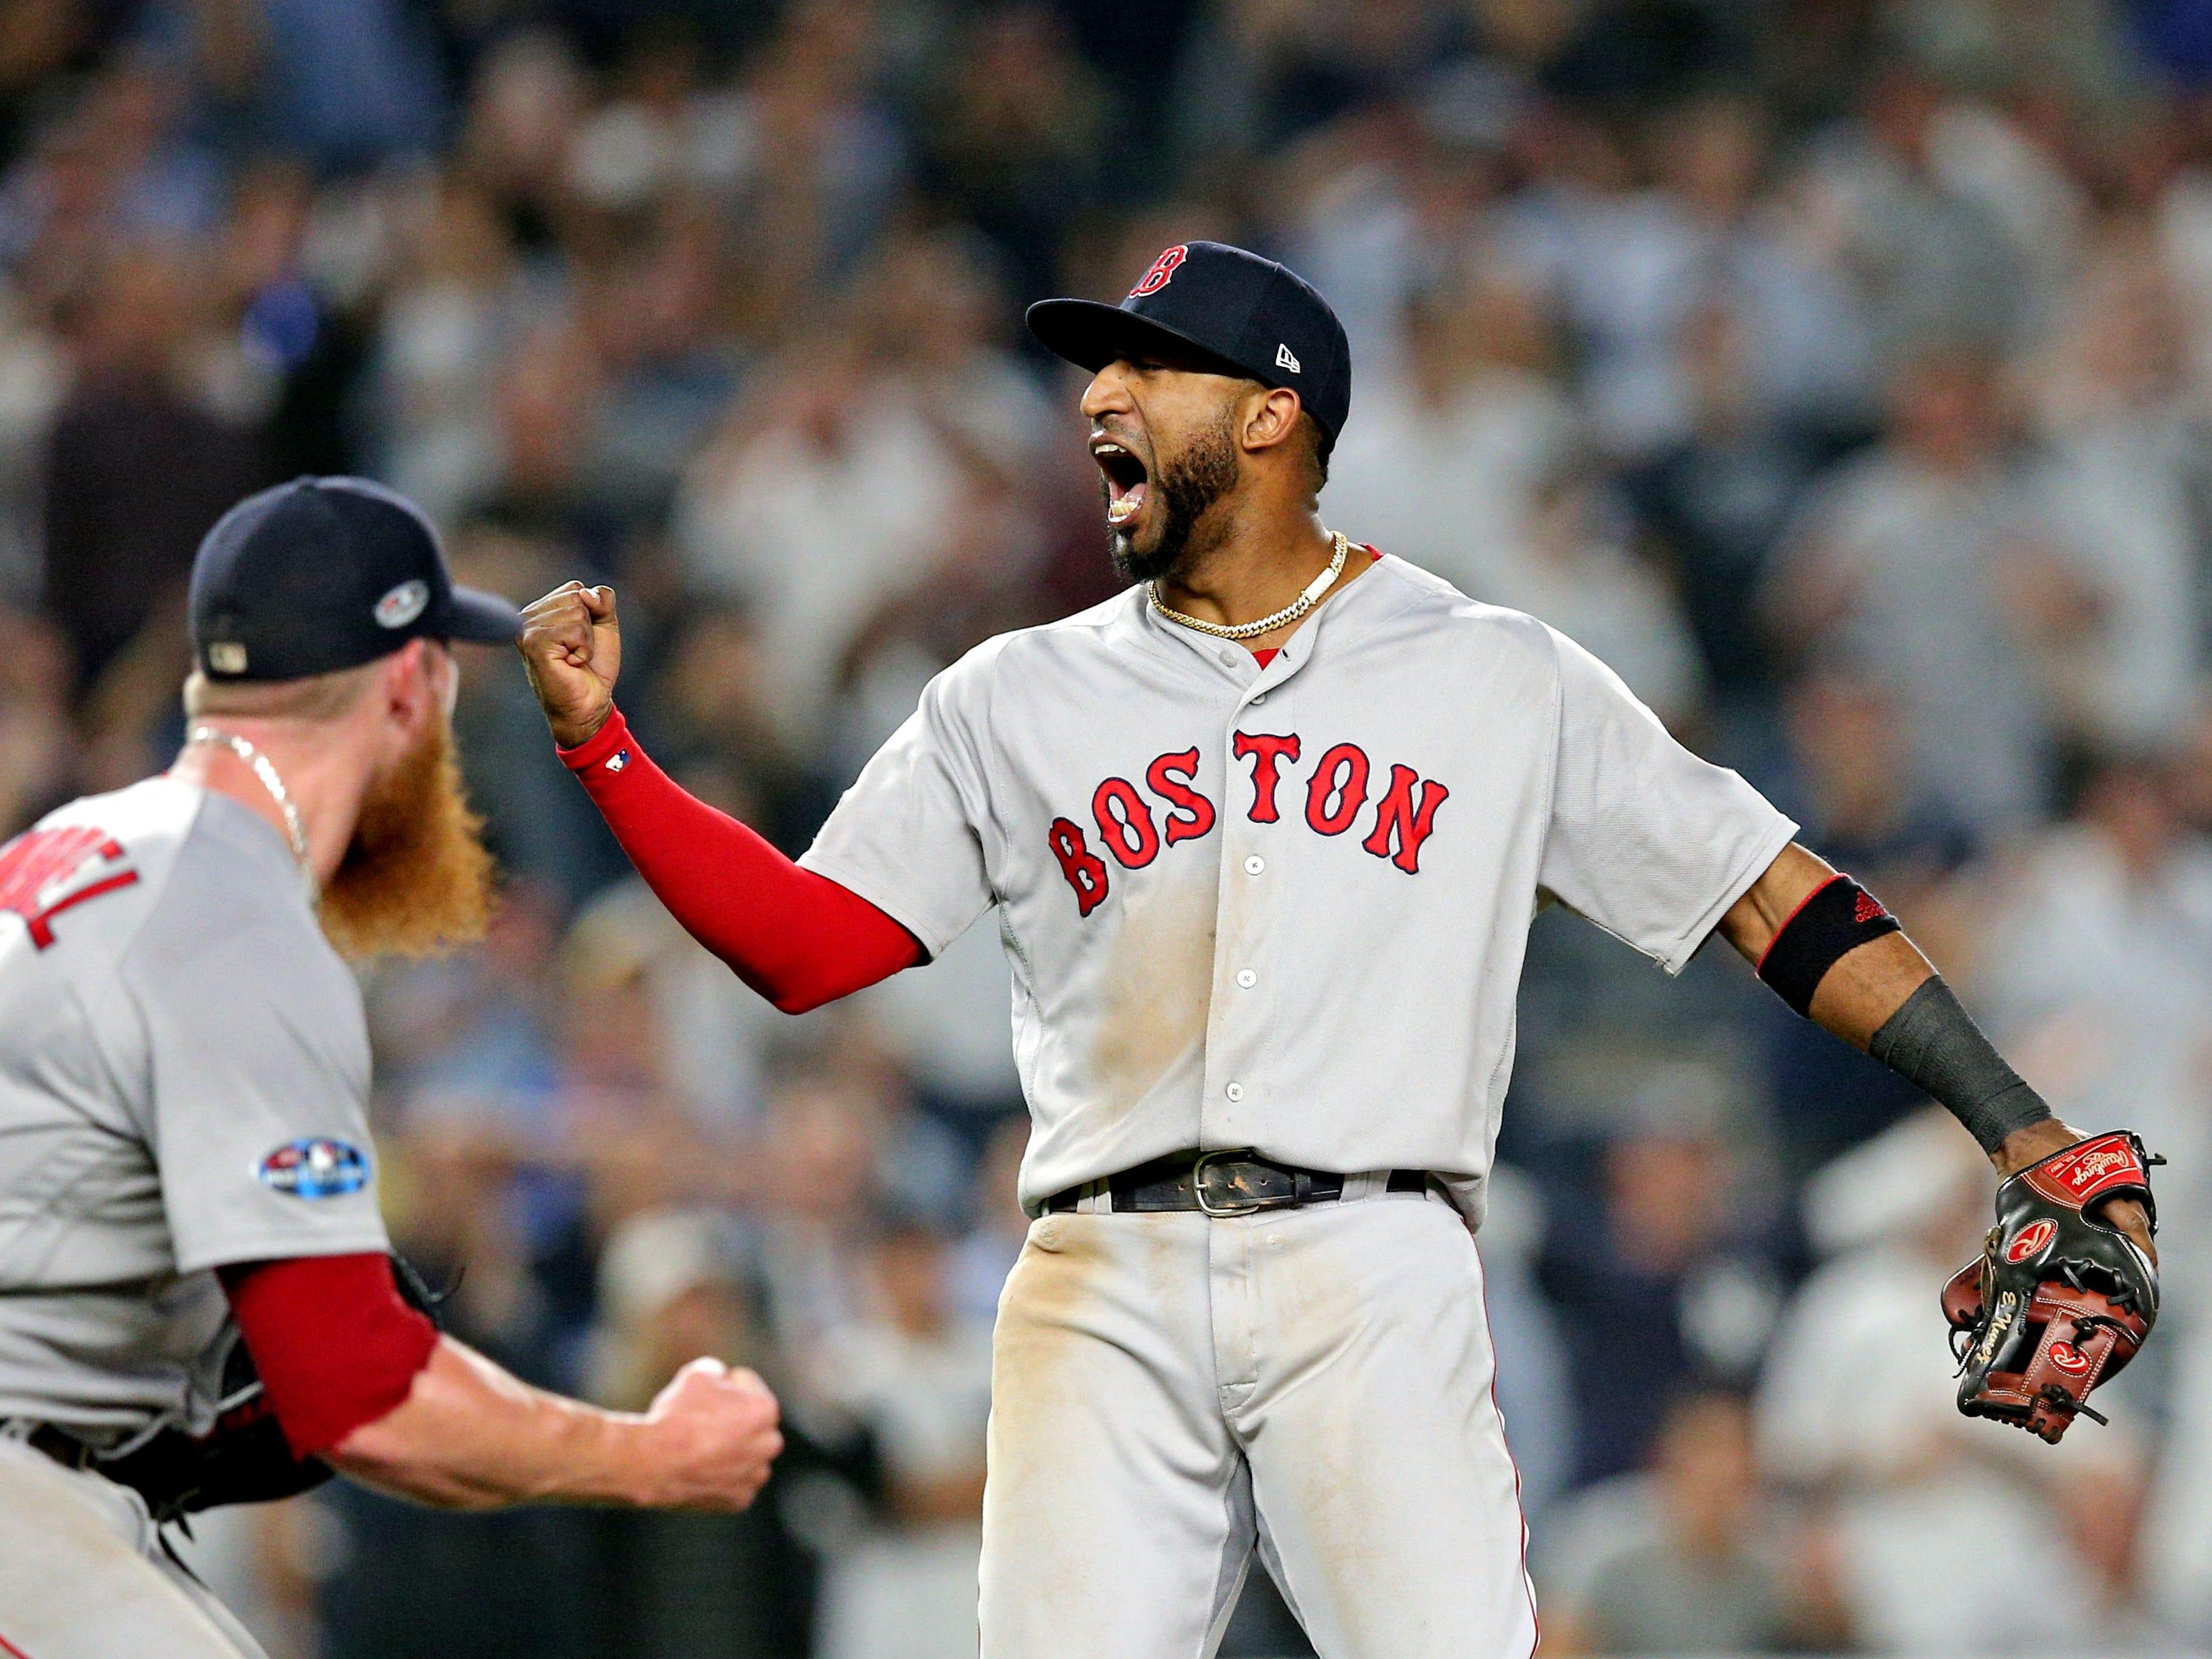 ALDS Game 4: Red Sox third baseman Eduardo Nunez and closer Craig Kimbrel celebrate the final out.